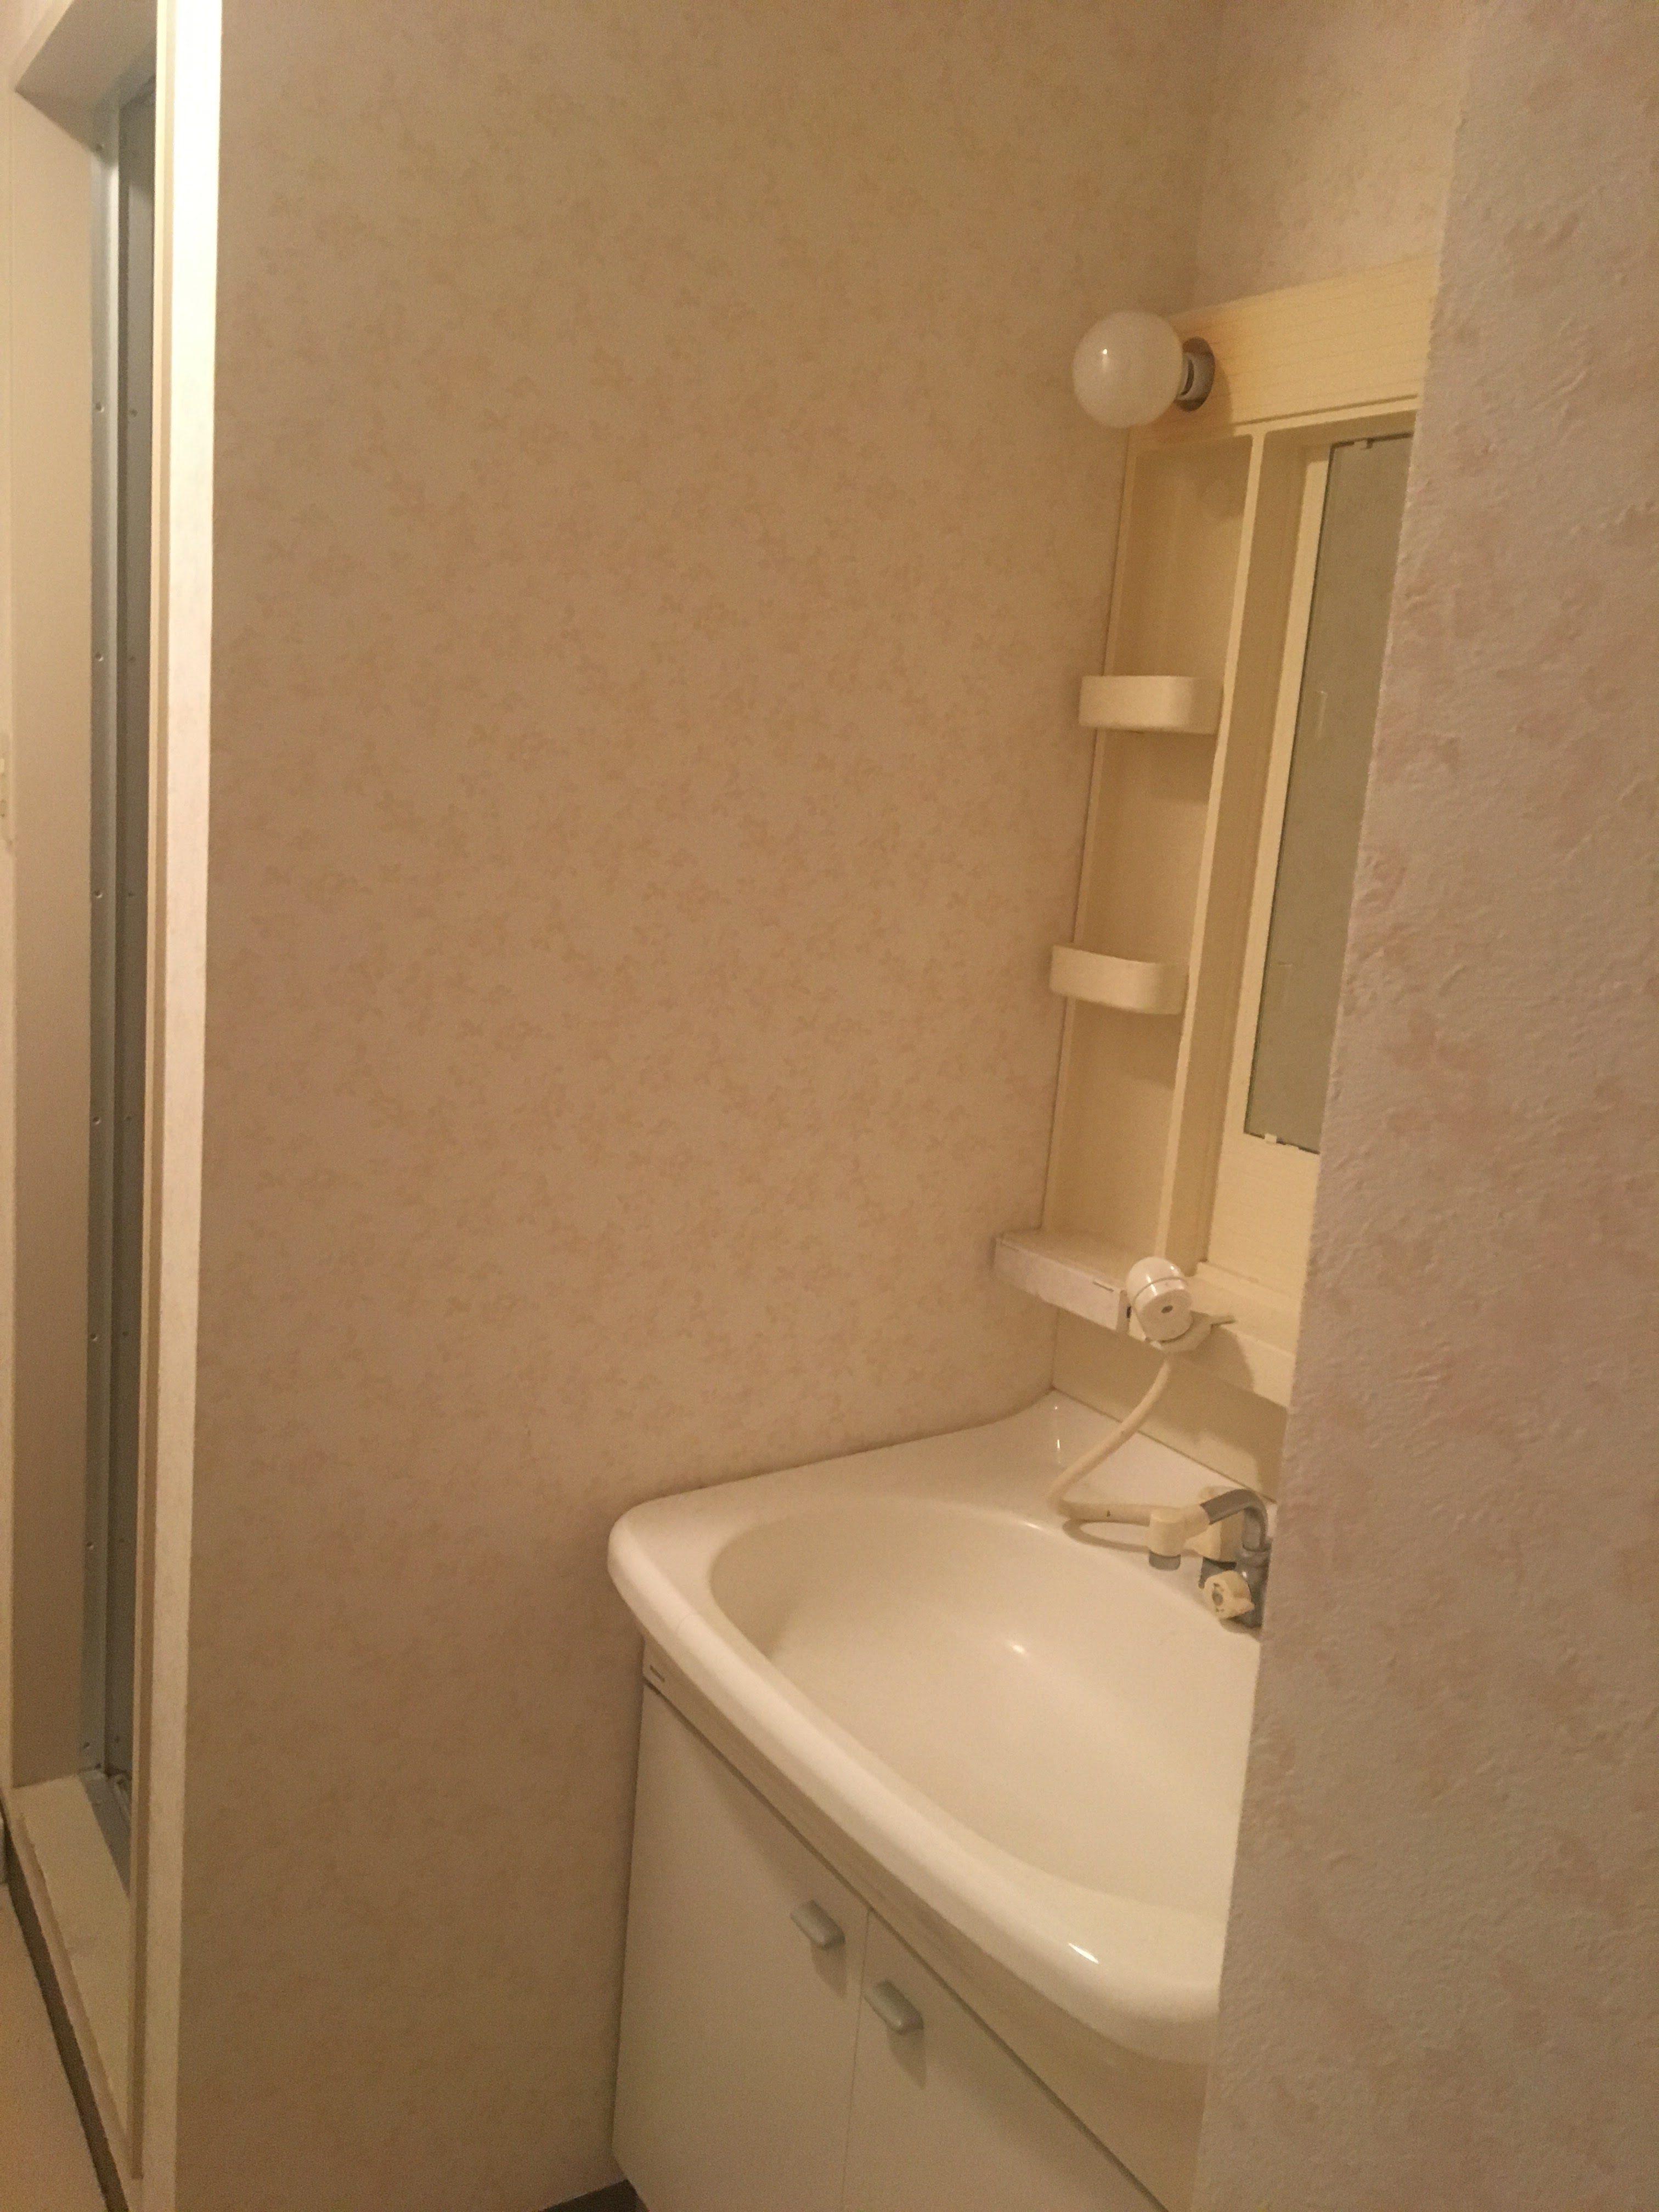 洗面台は一面鏡で、全体的に劣化しており、裸電球のままになっていた。